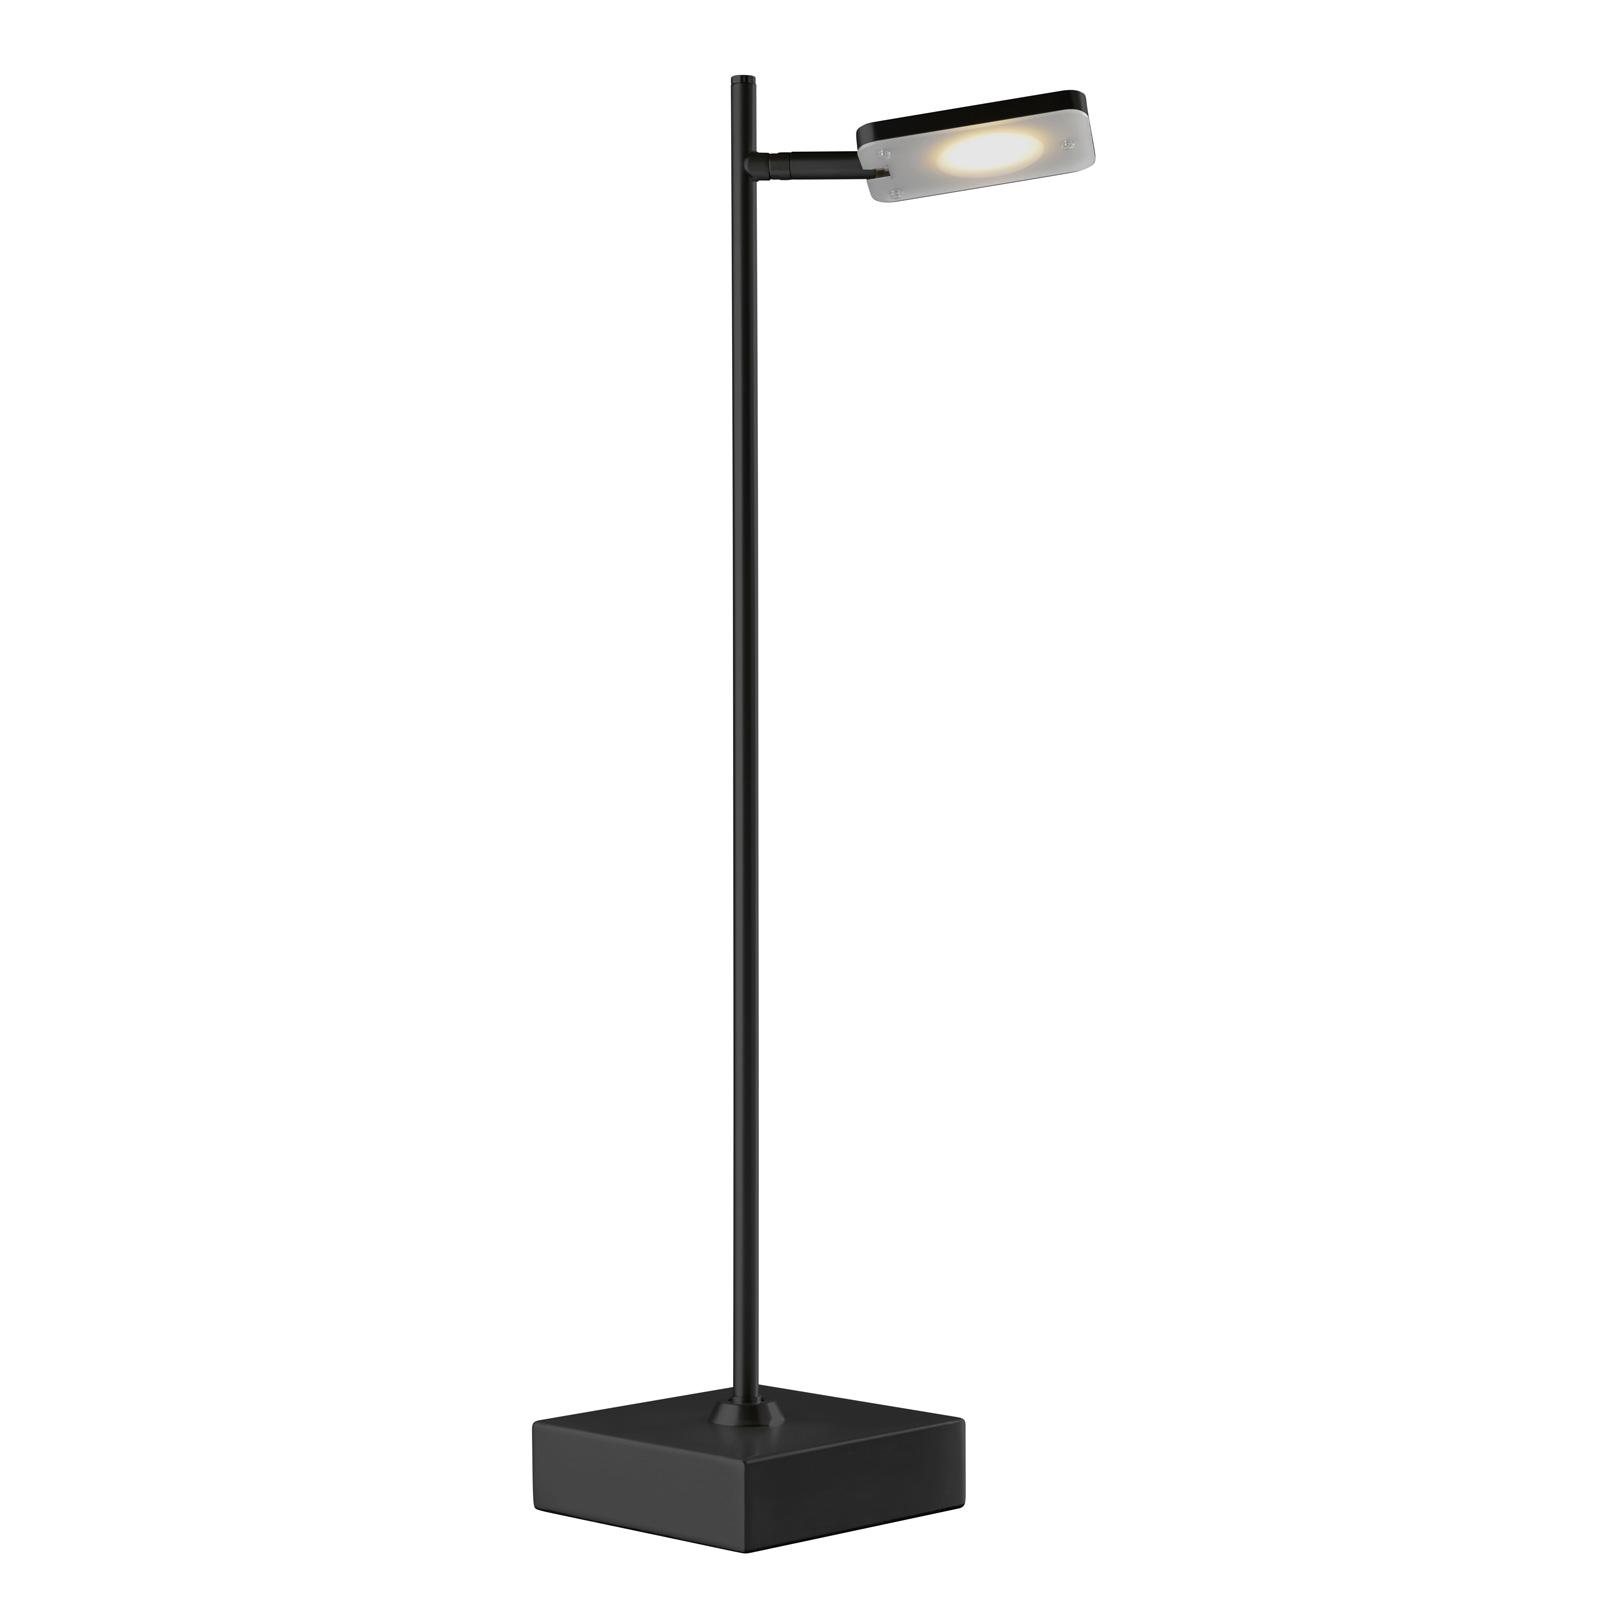 LED-bordlampe Quad, dimmer, 1 lyskilde, svart